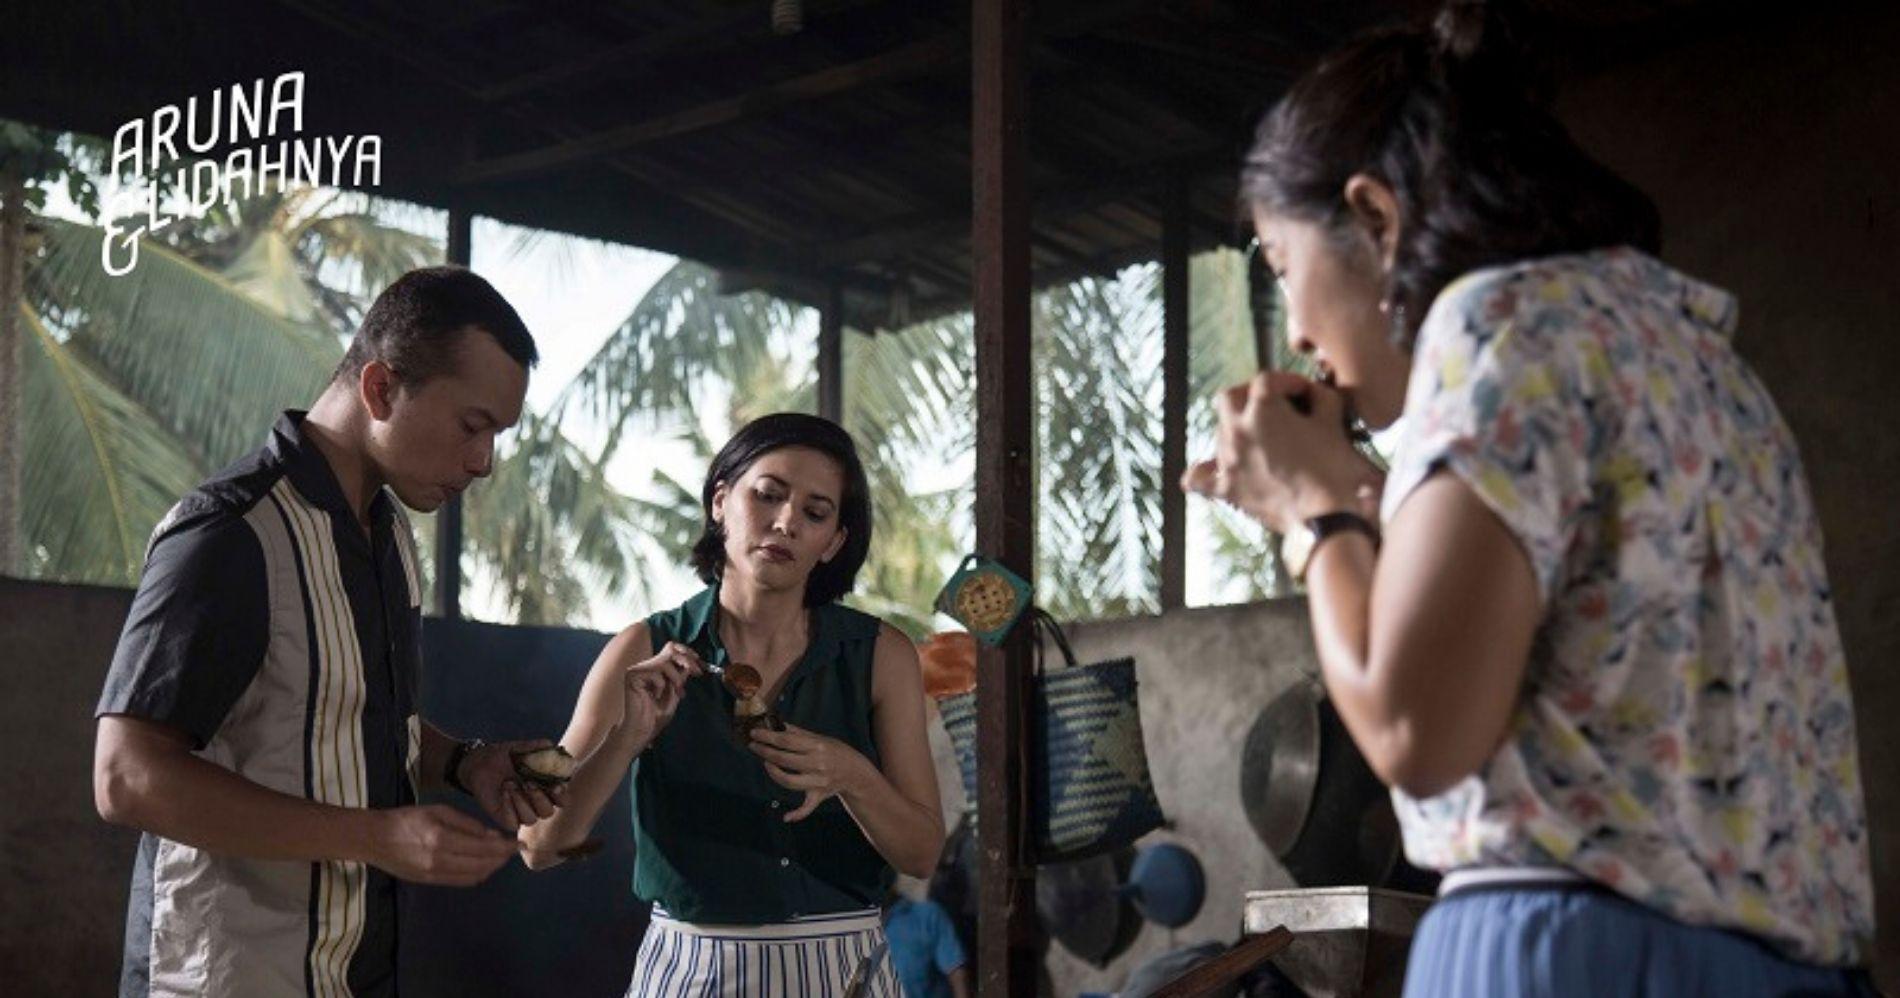 Bono, Nad, dan Aruna yang Menikmati Pengkang khas Singkawang - Image: Palari Films